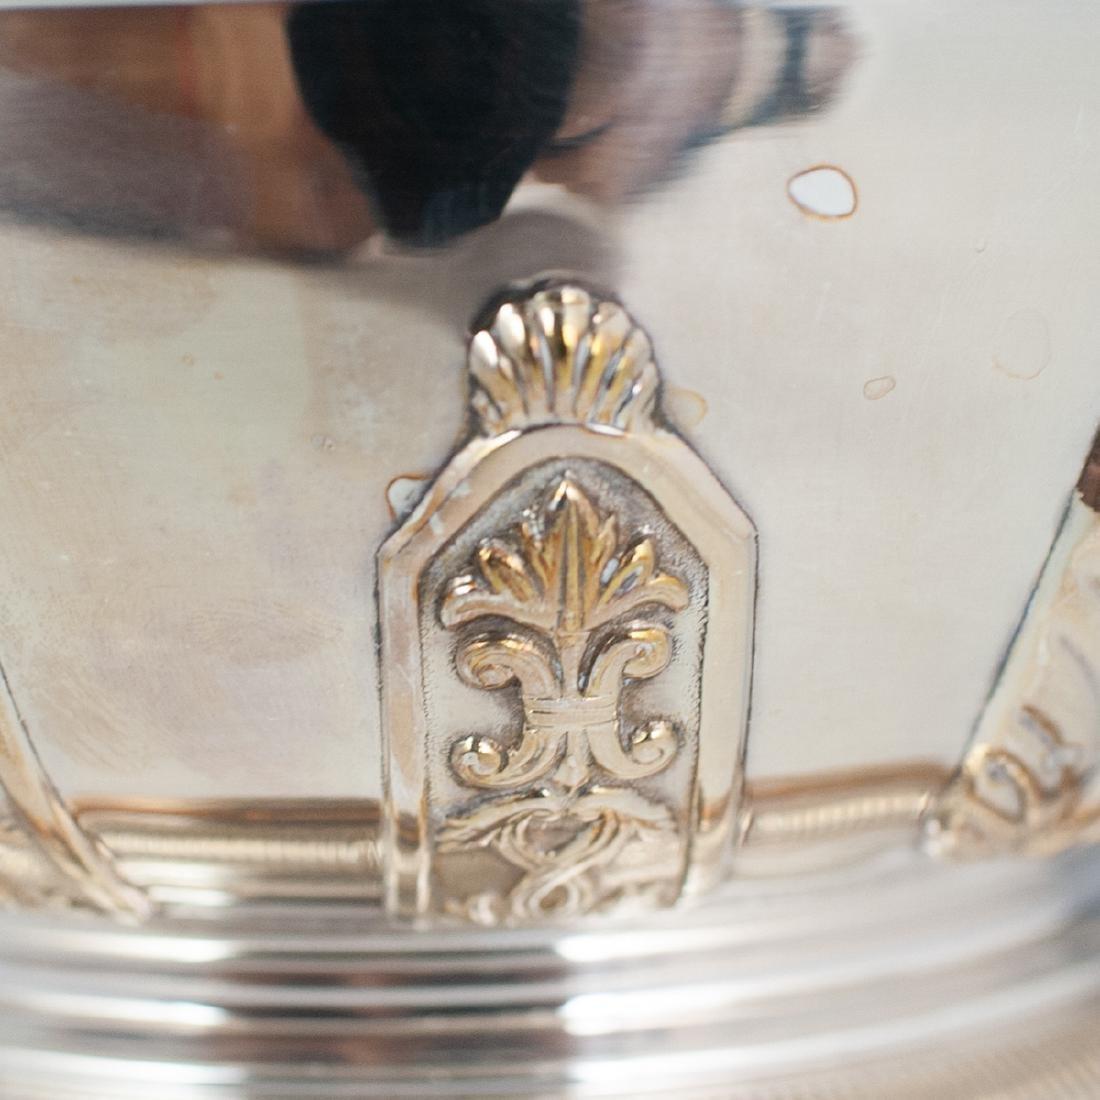 Antique Silver Plated Caviar Server - 2